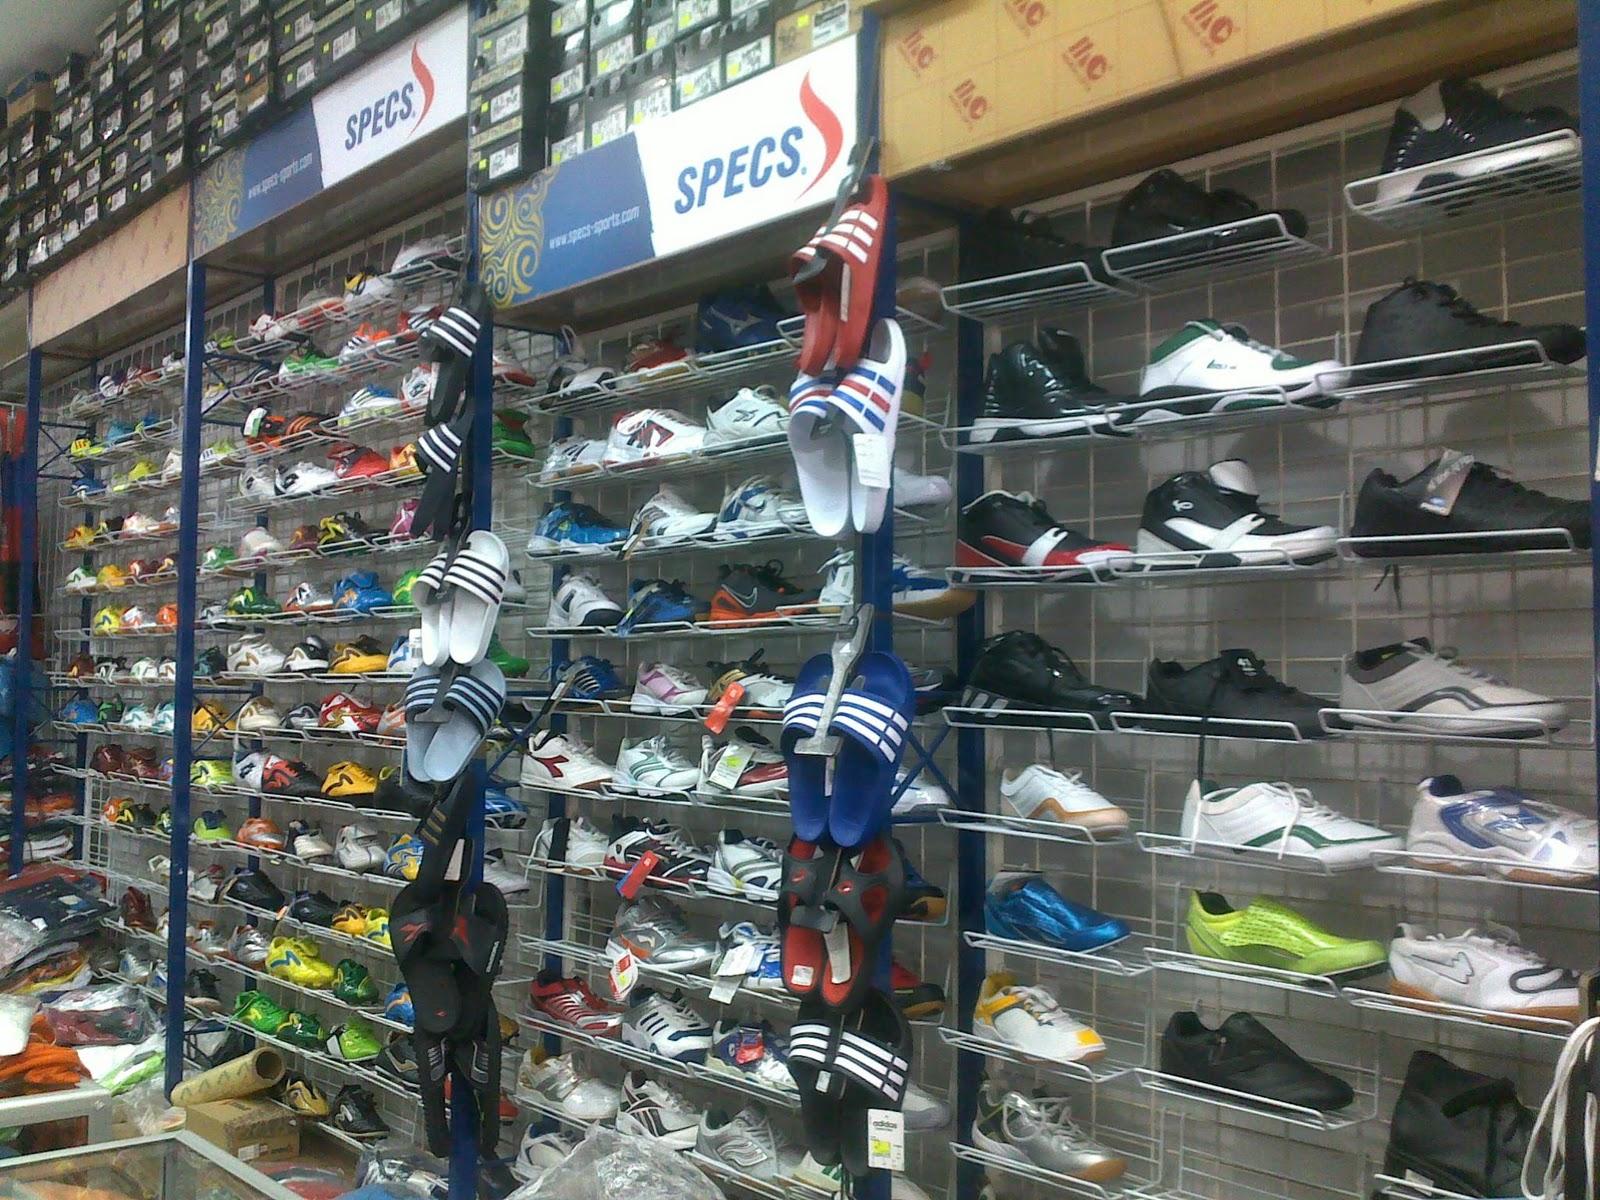 Toko Sepatu Pekalongan